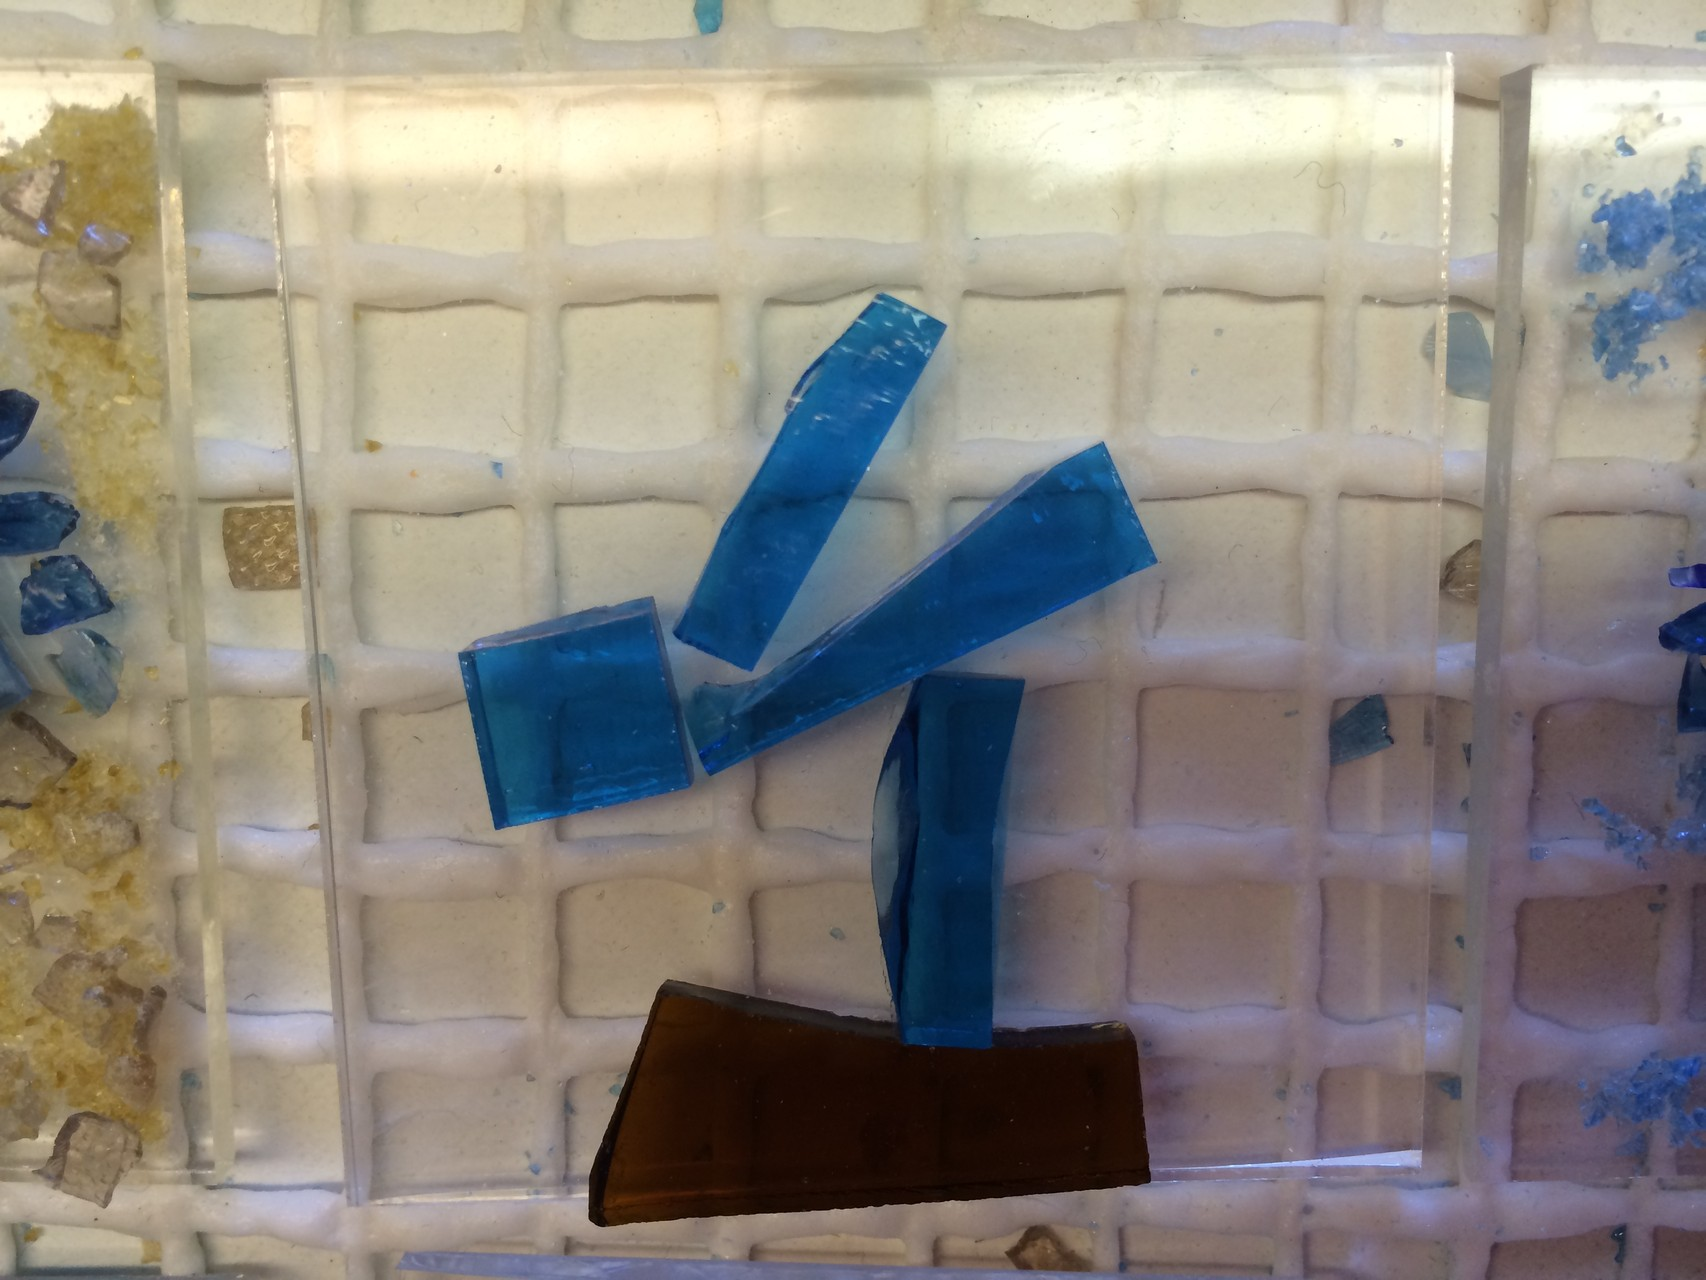 der elegante Schwimmer auf dem Startblock aus wenigen Glasstücken gelegt,